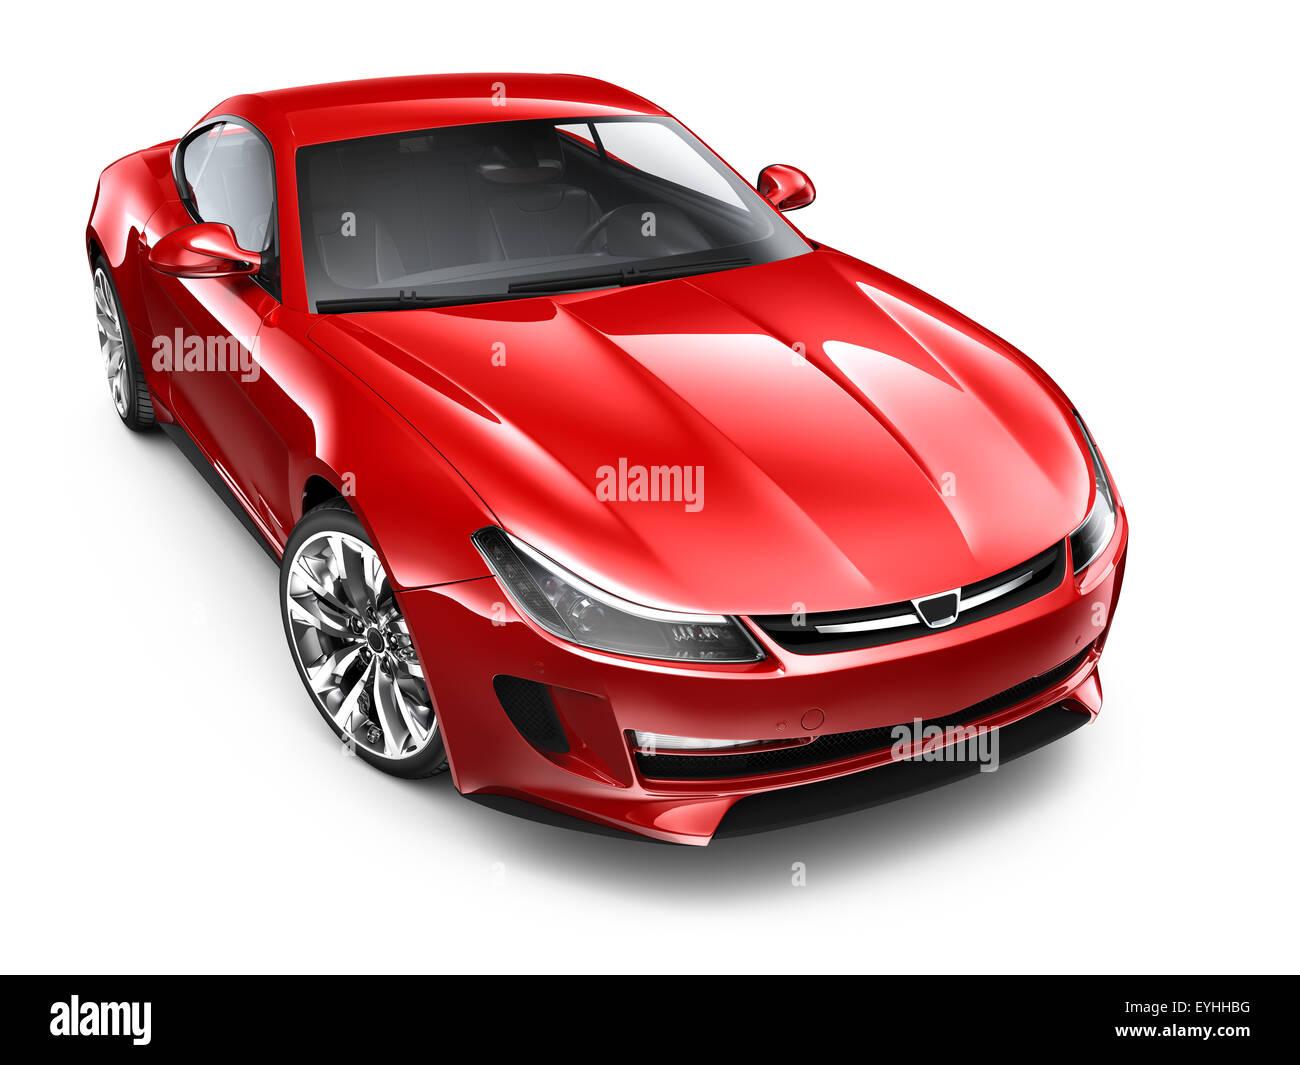 Isolierten roten Sportwagen auf weißem Hintergrund Stockbild